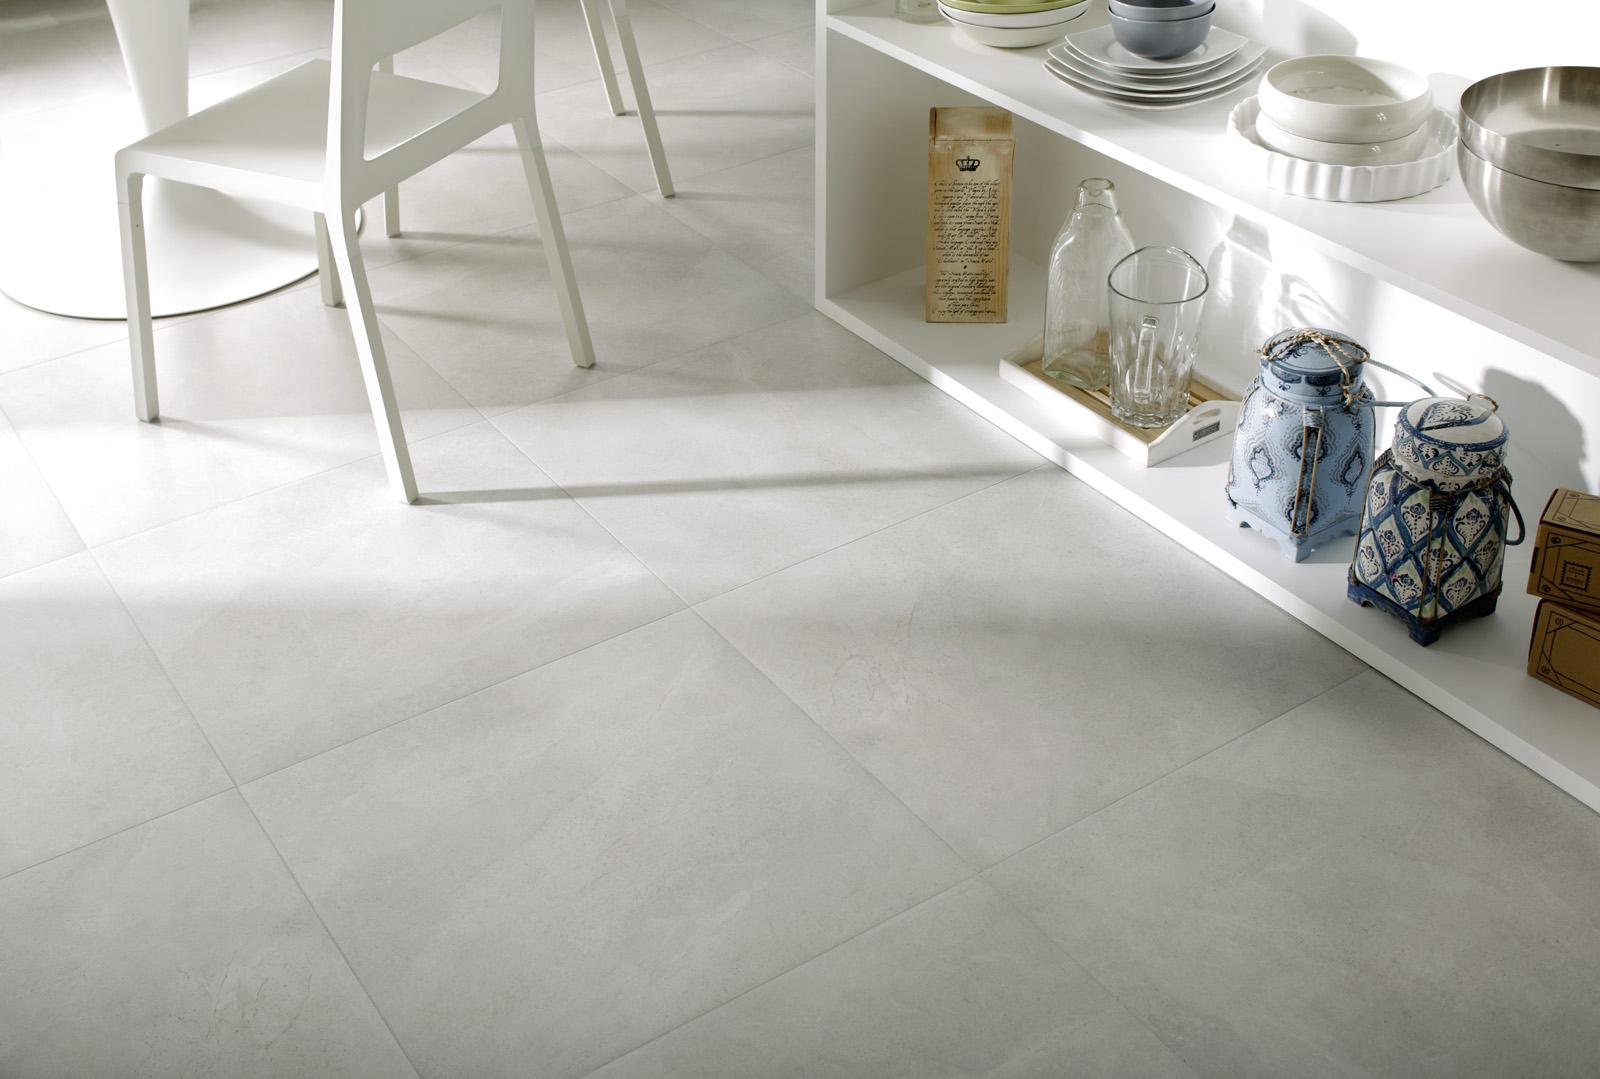 Fontanarosa gres per pavimenti e rivestimenti marazzi for Piastrelle 60x60